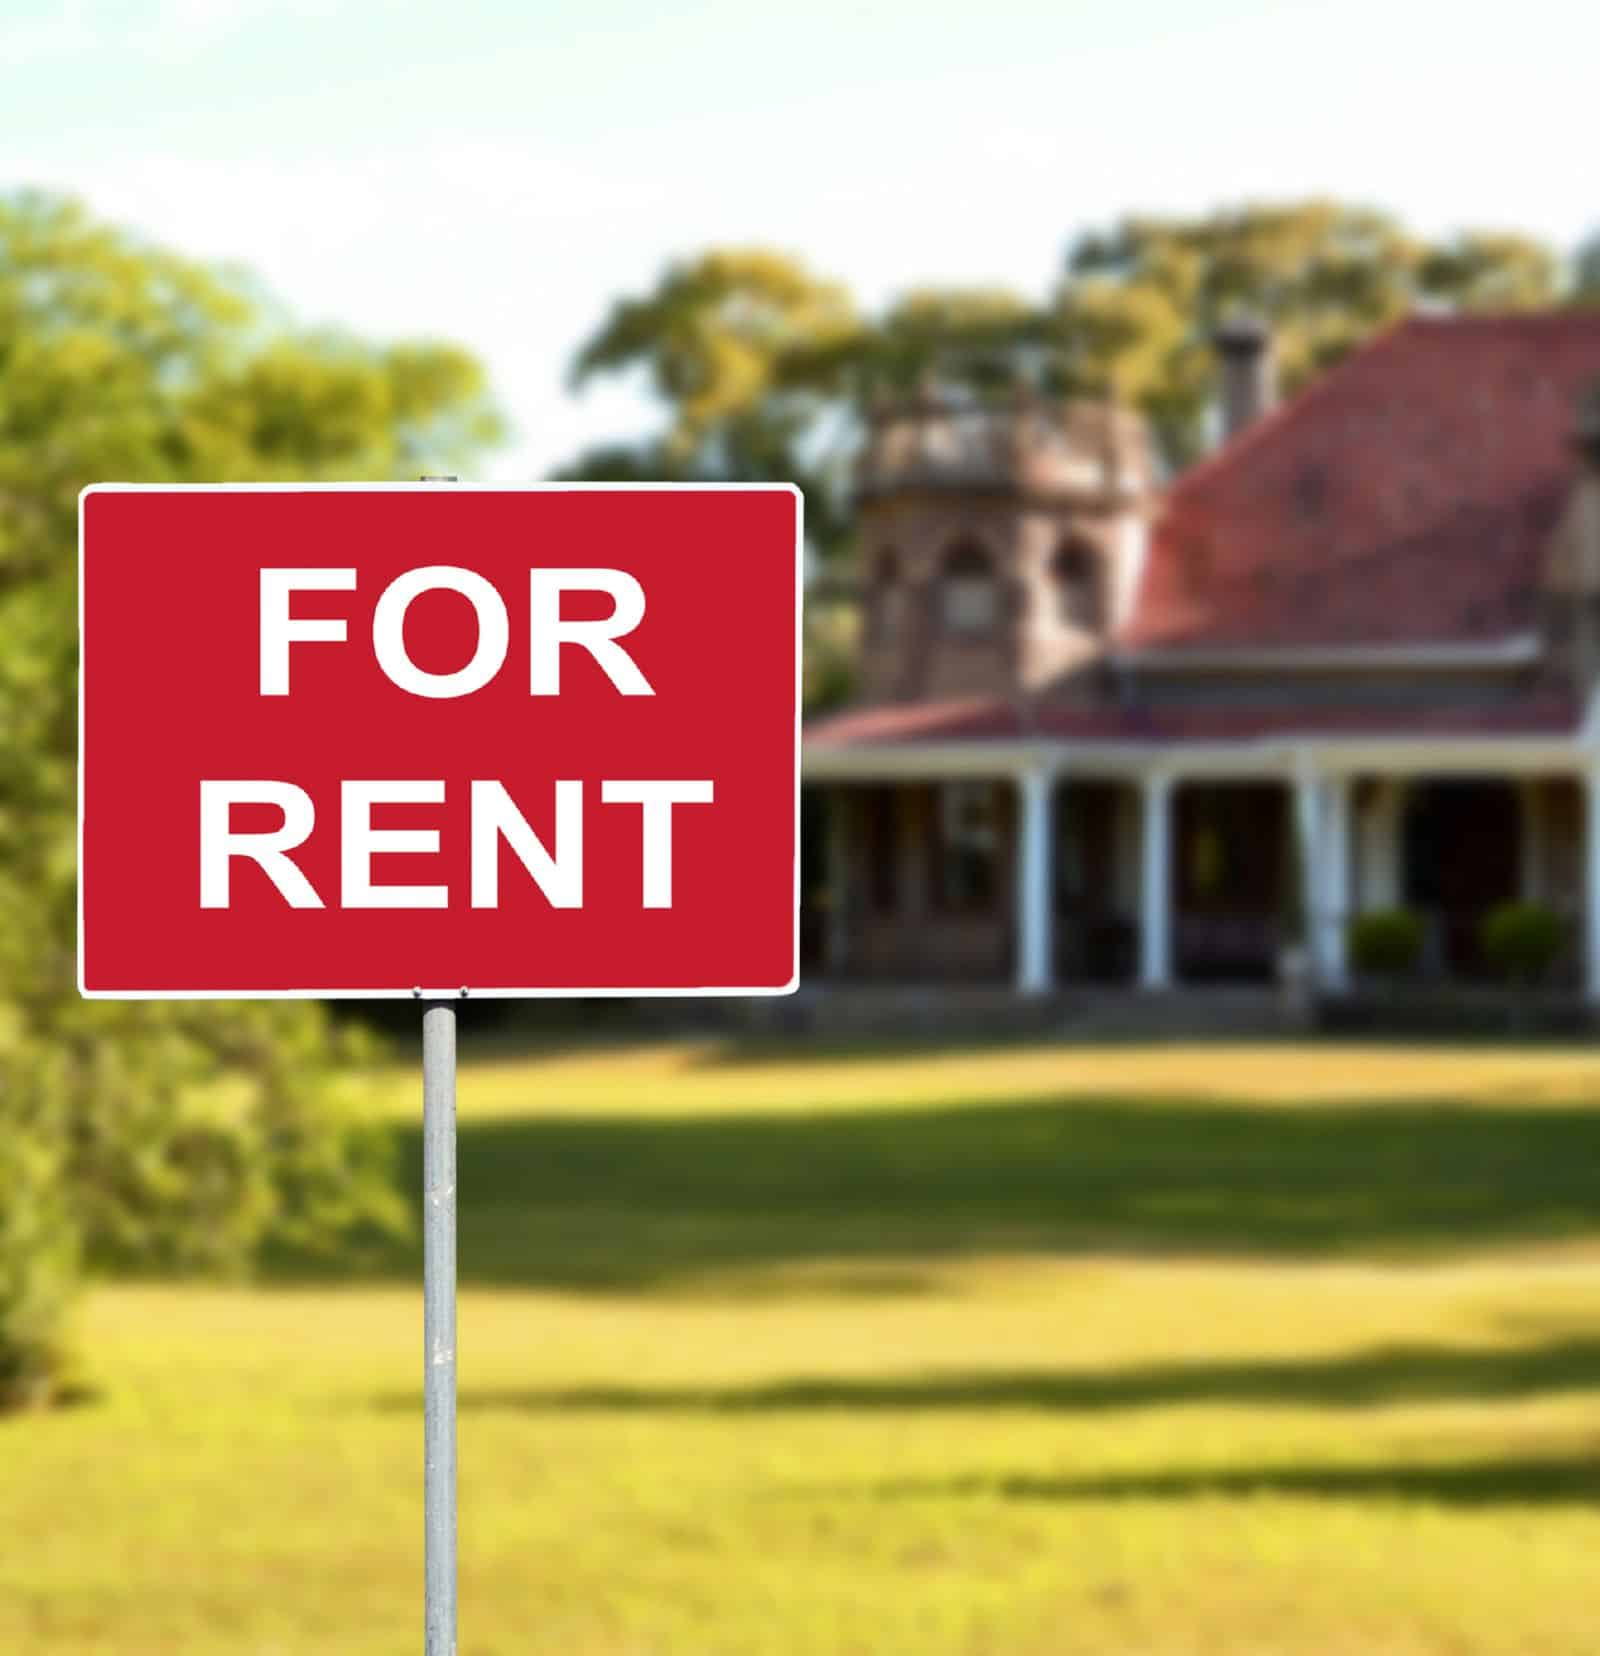 Как взять участок земли в аренду у государства под строительство дома?